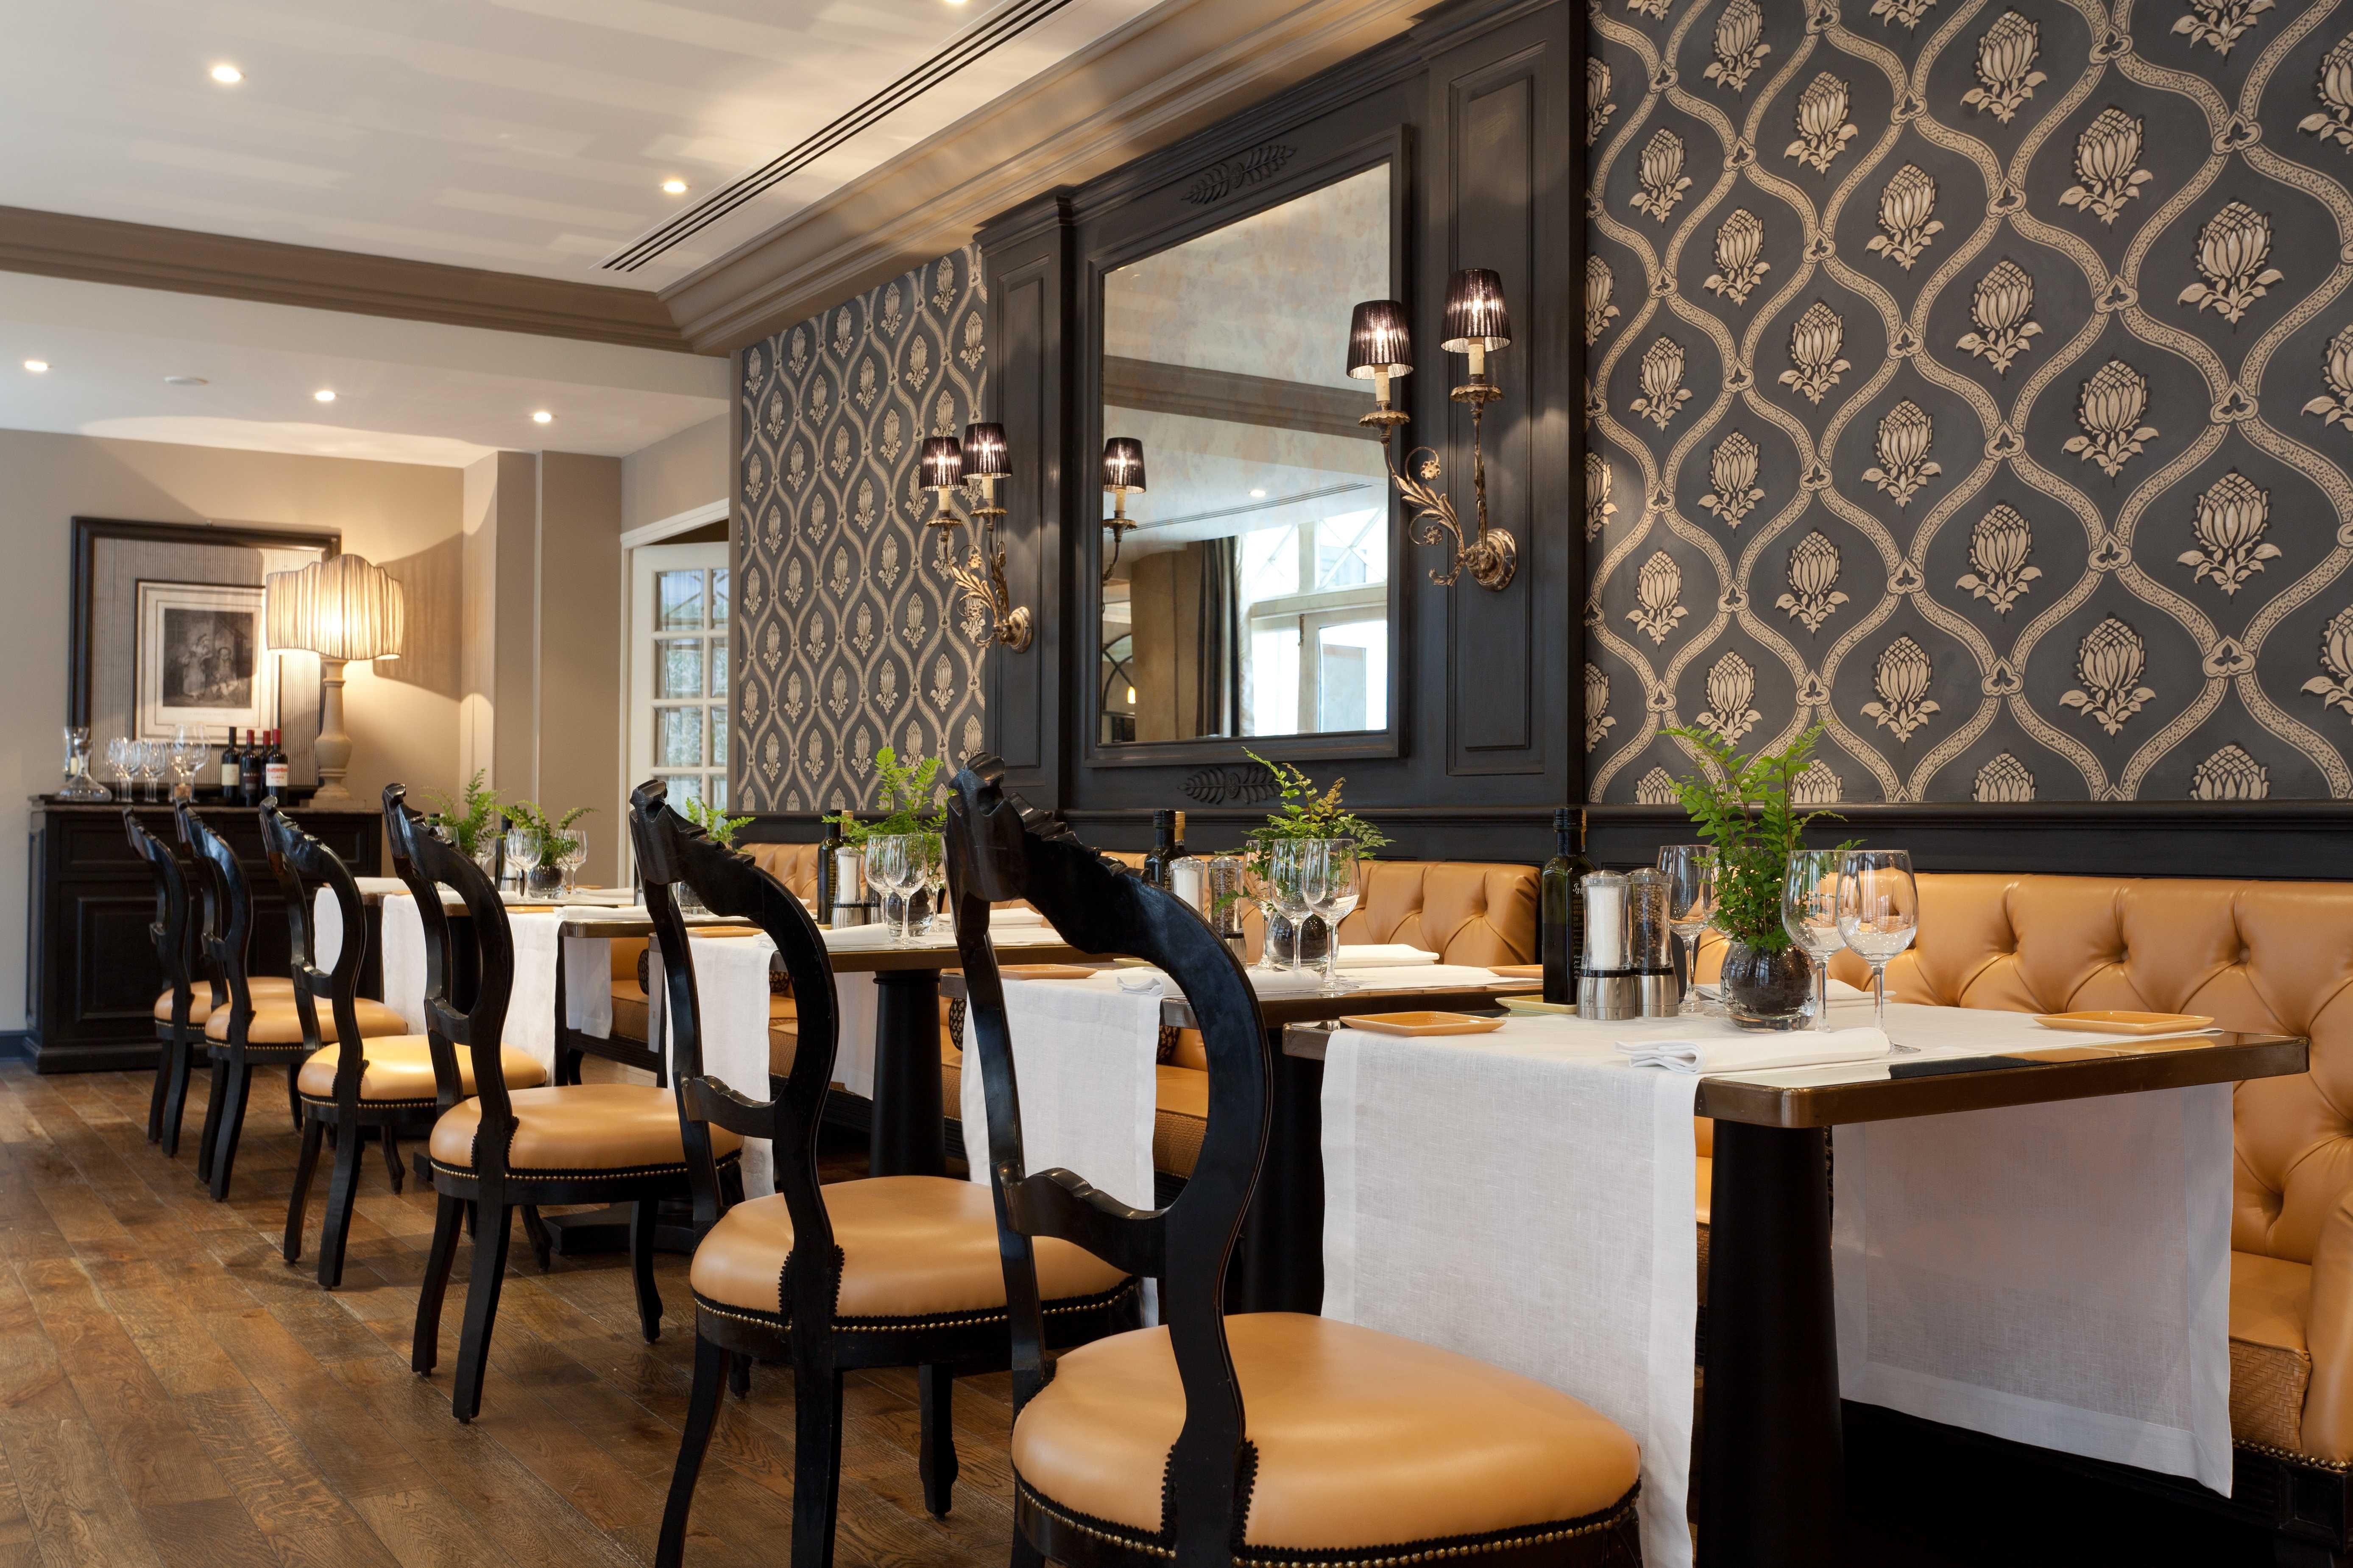 Home Design Ideas. Restaurant Dining Room Hospitality Interior